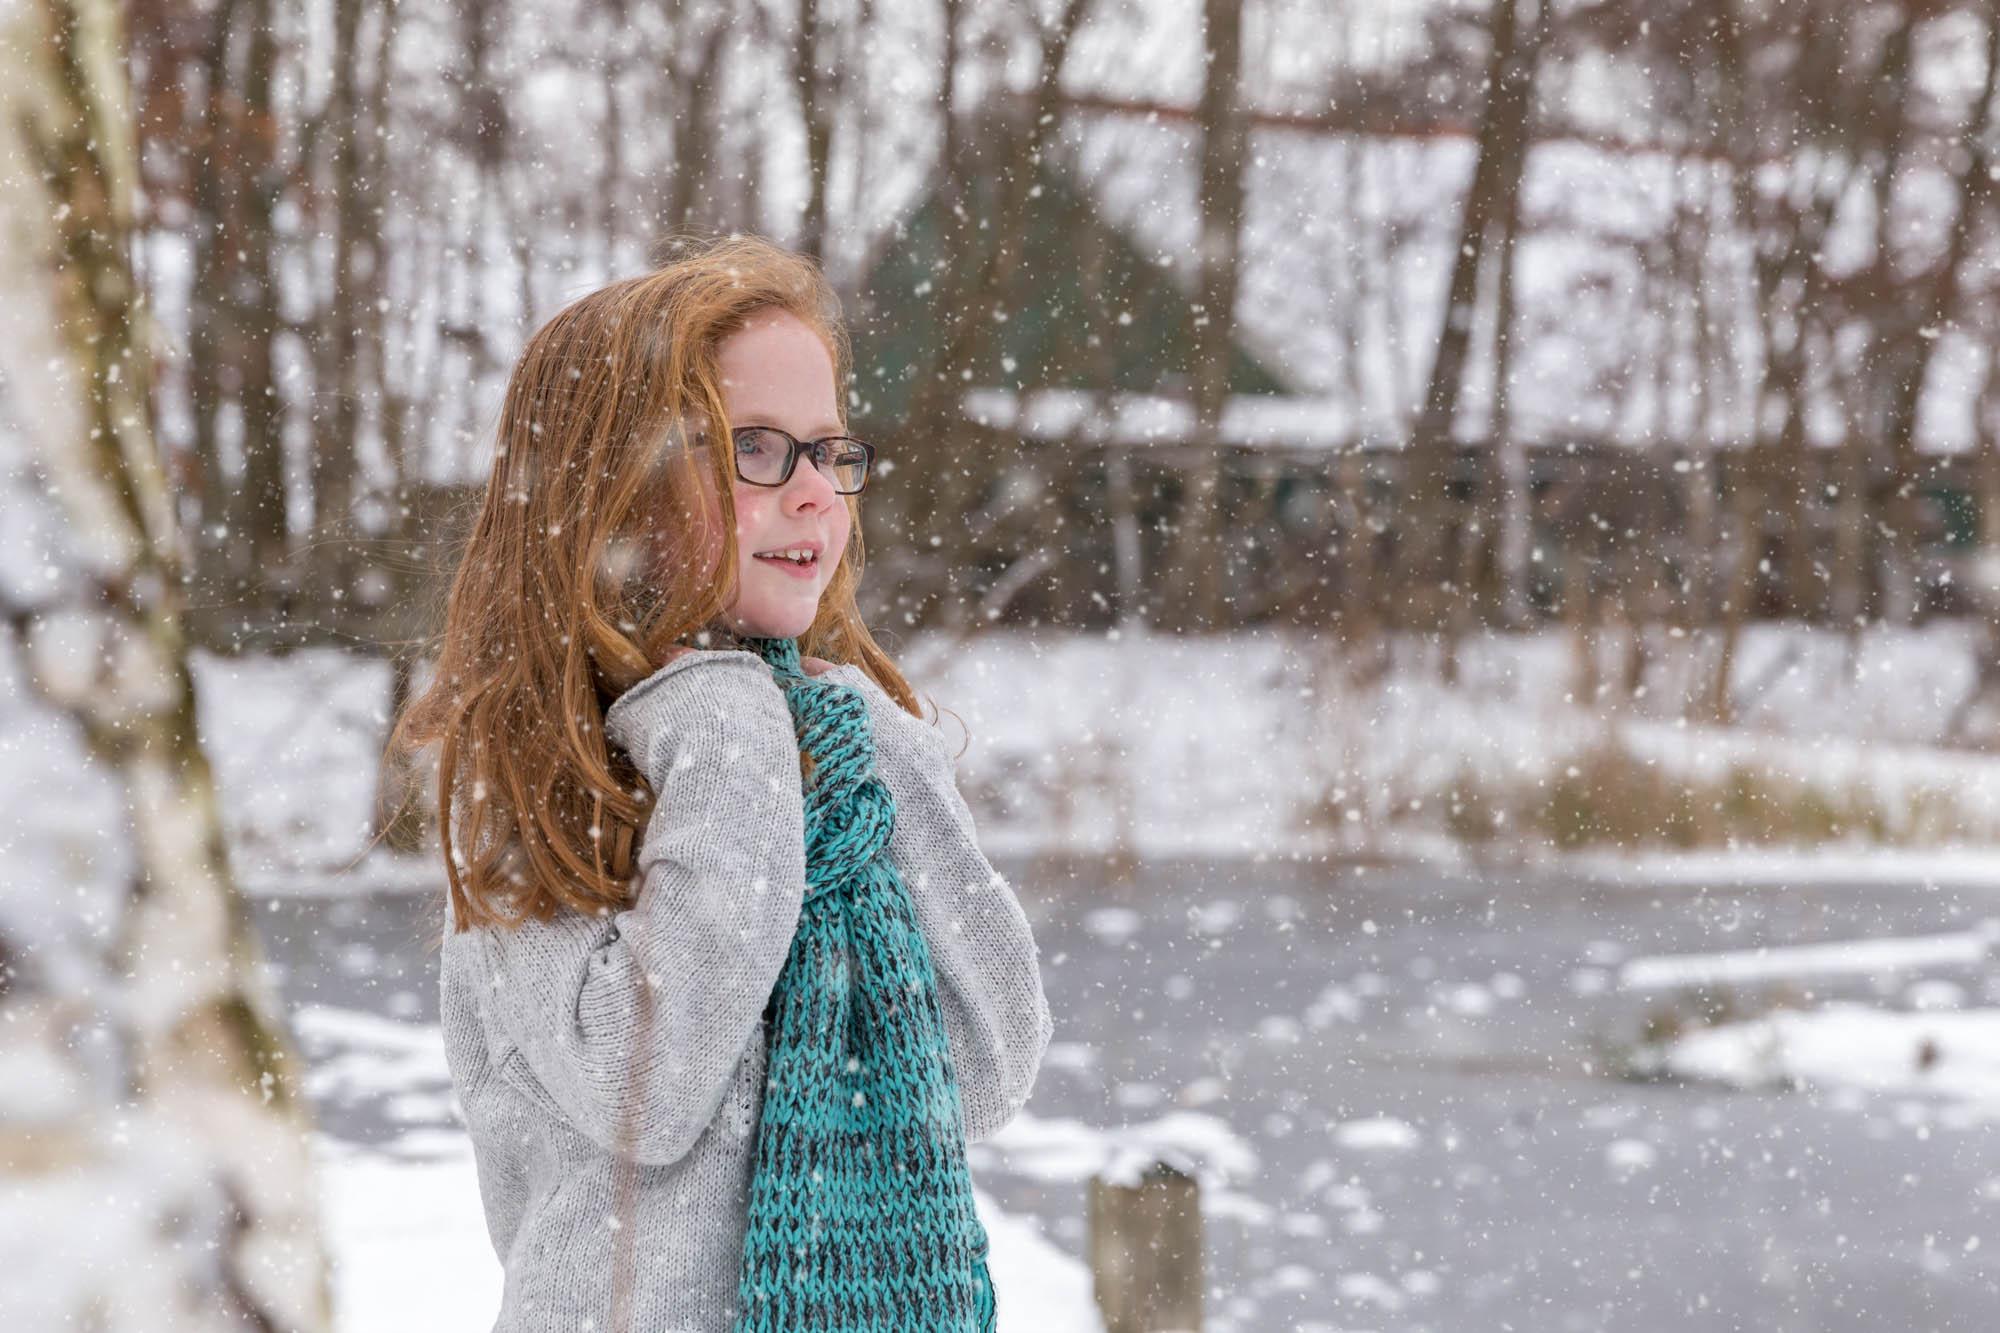 kind portret van meisje met rood haar in de sneeuw door mayrafotografie